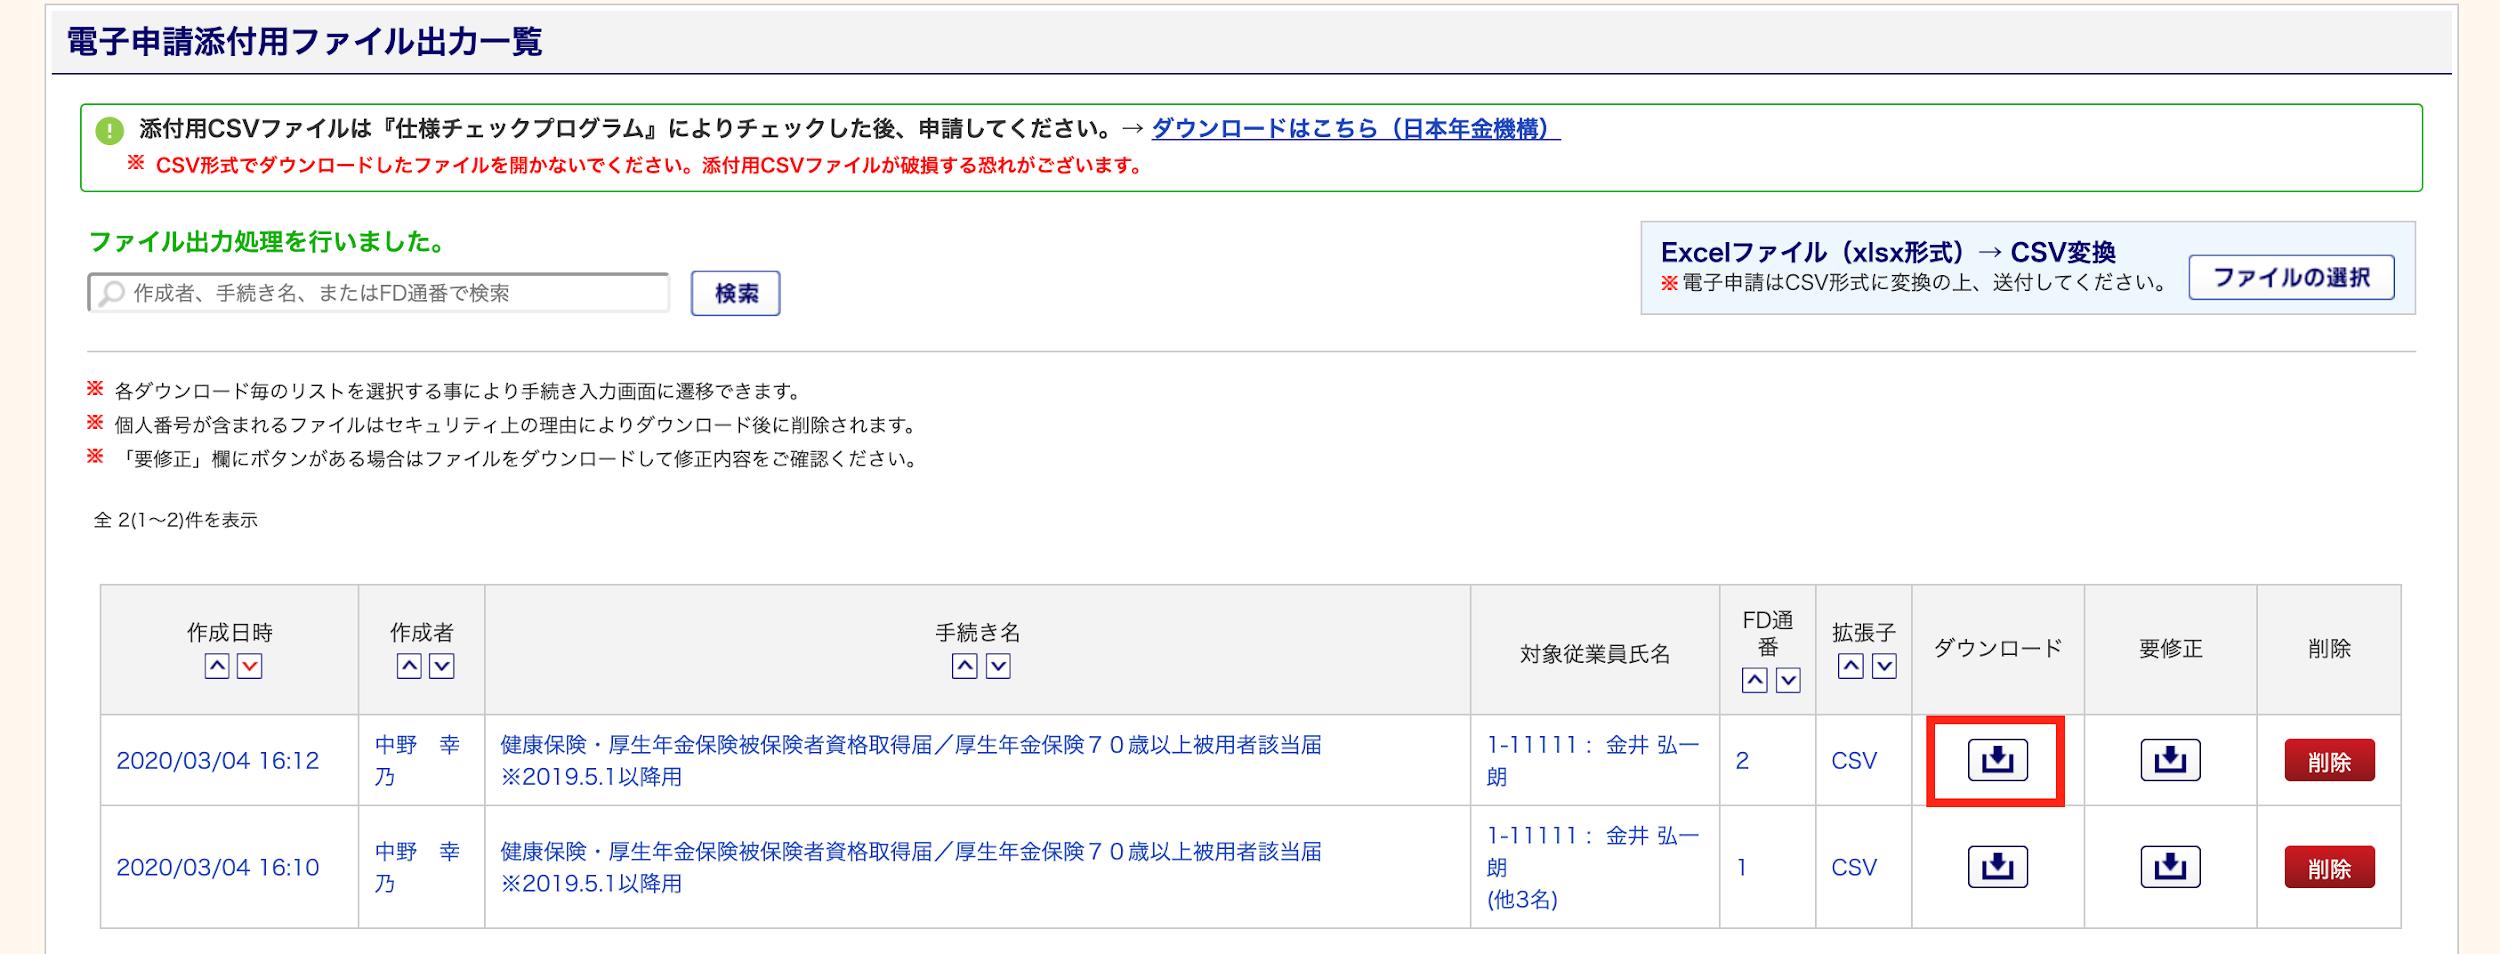 電子申請の添付用CSVファイルを作成する | ヘルプセンター | クラウド ...